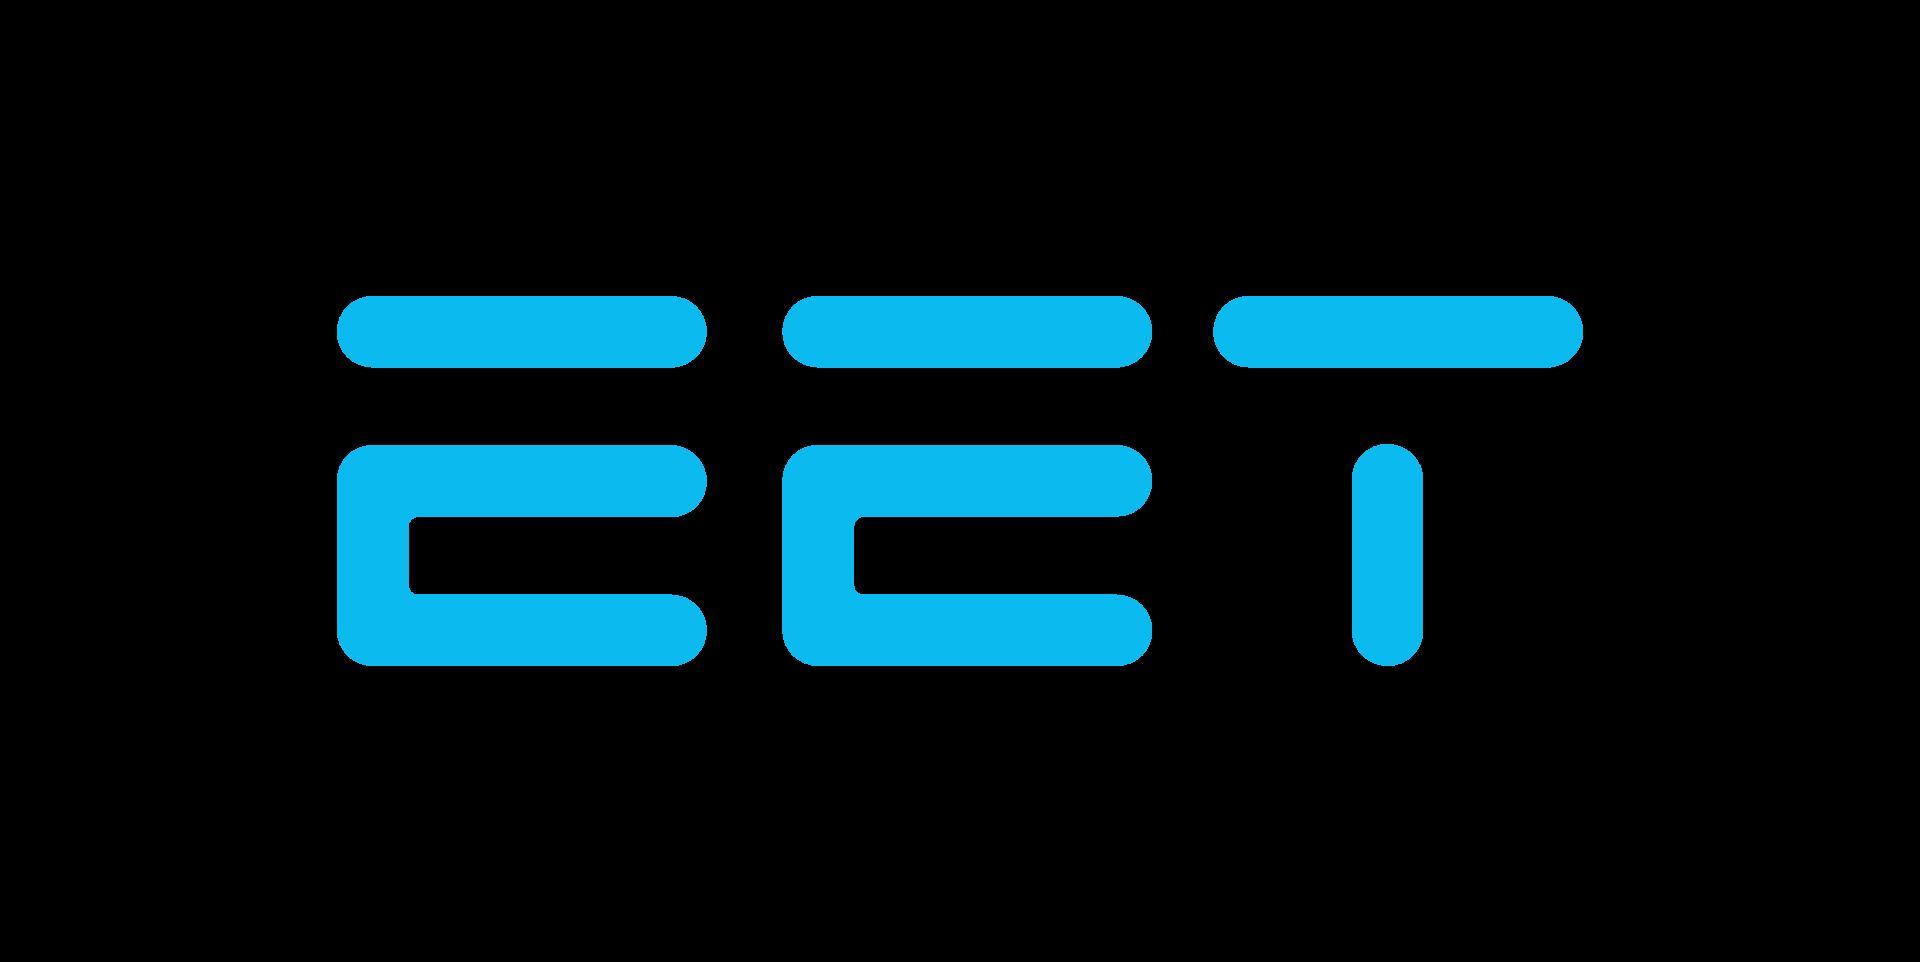 EET - Efficient Energy Technology GmbH